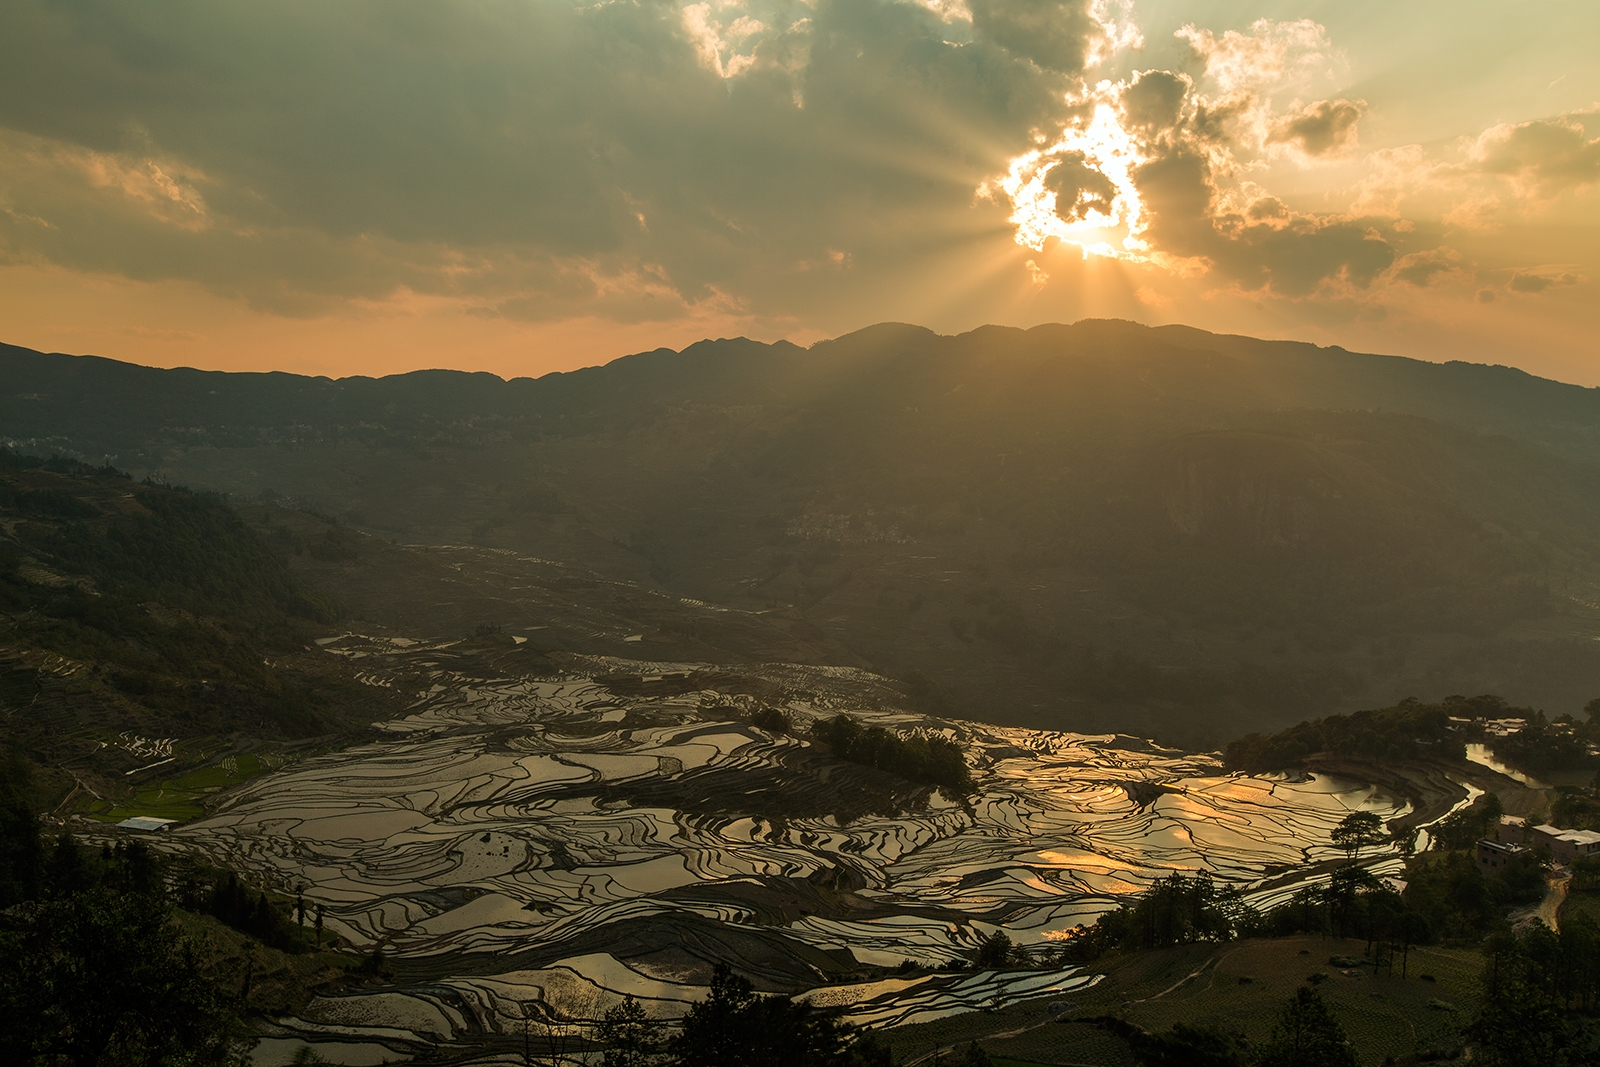 Yuanyang rice terraces - Yunnan, China